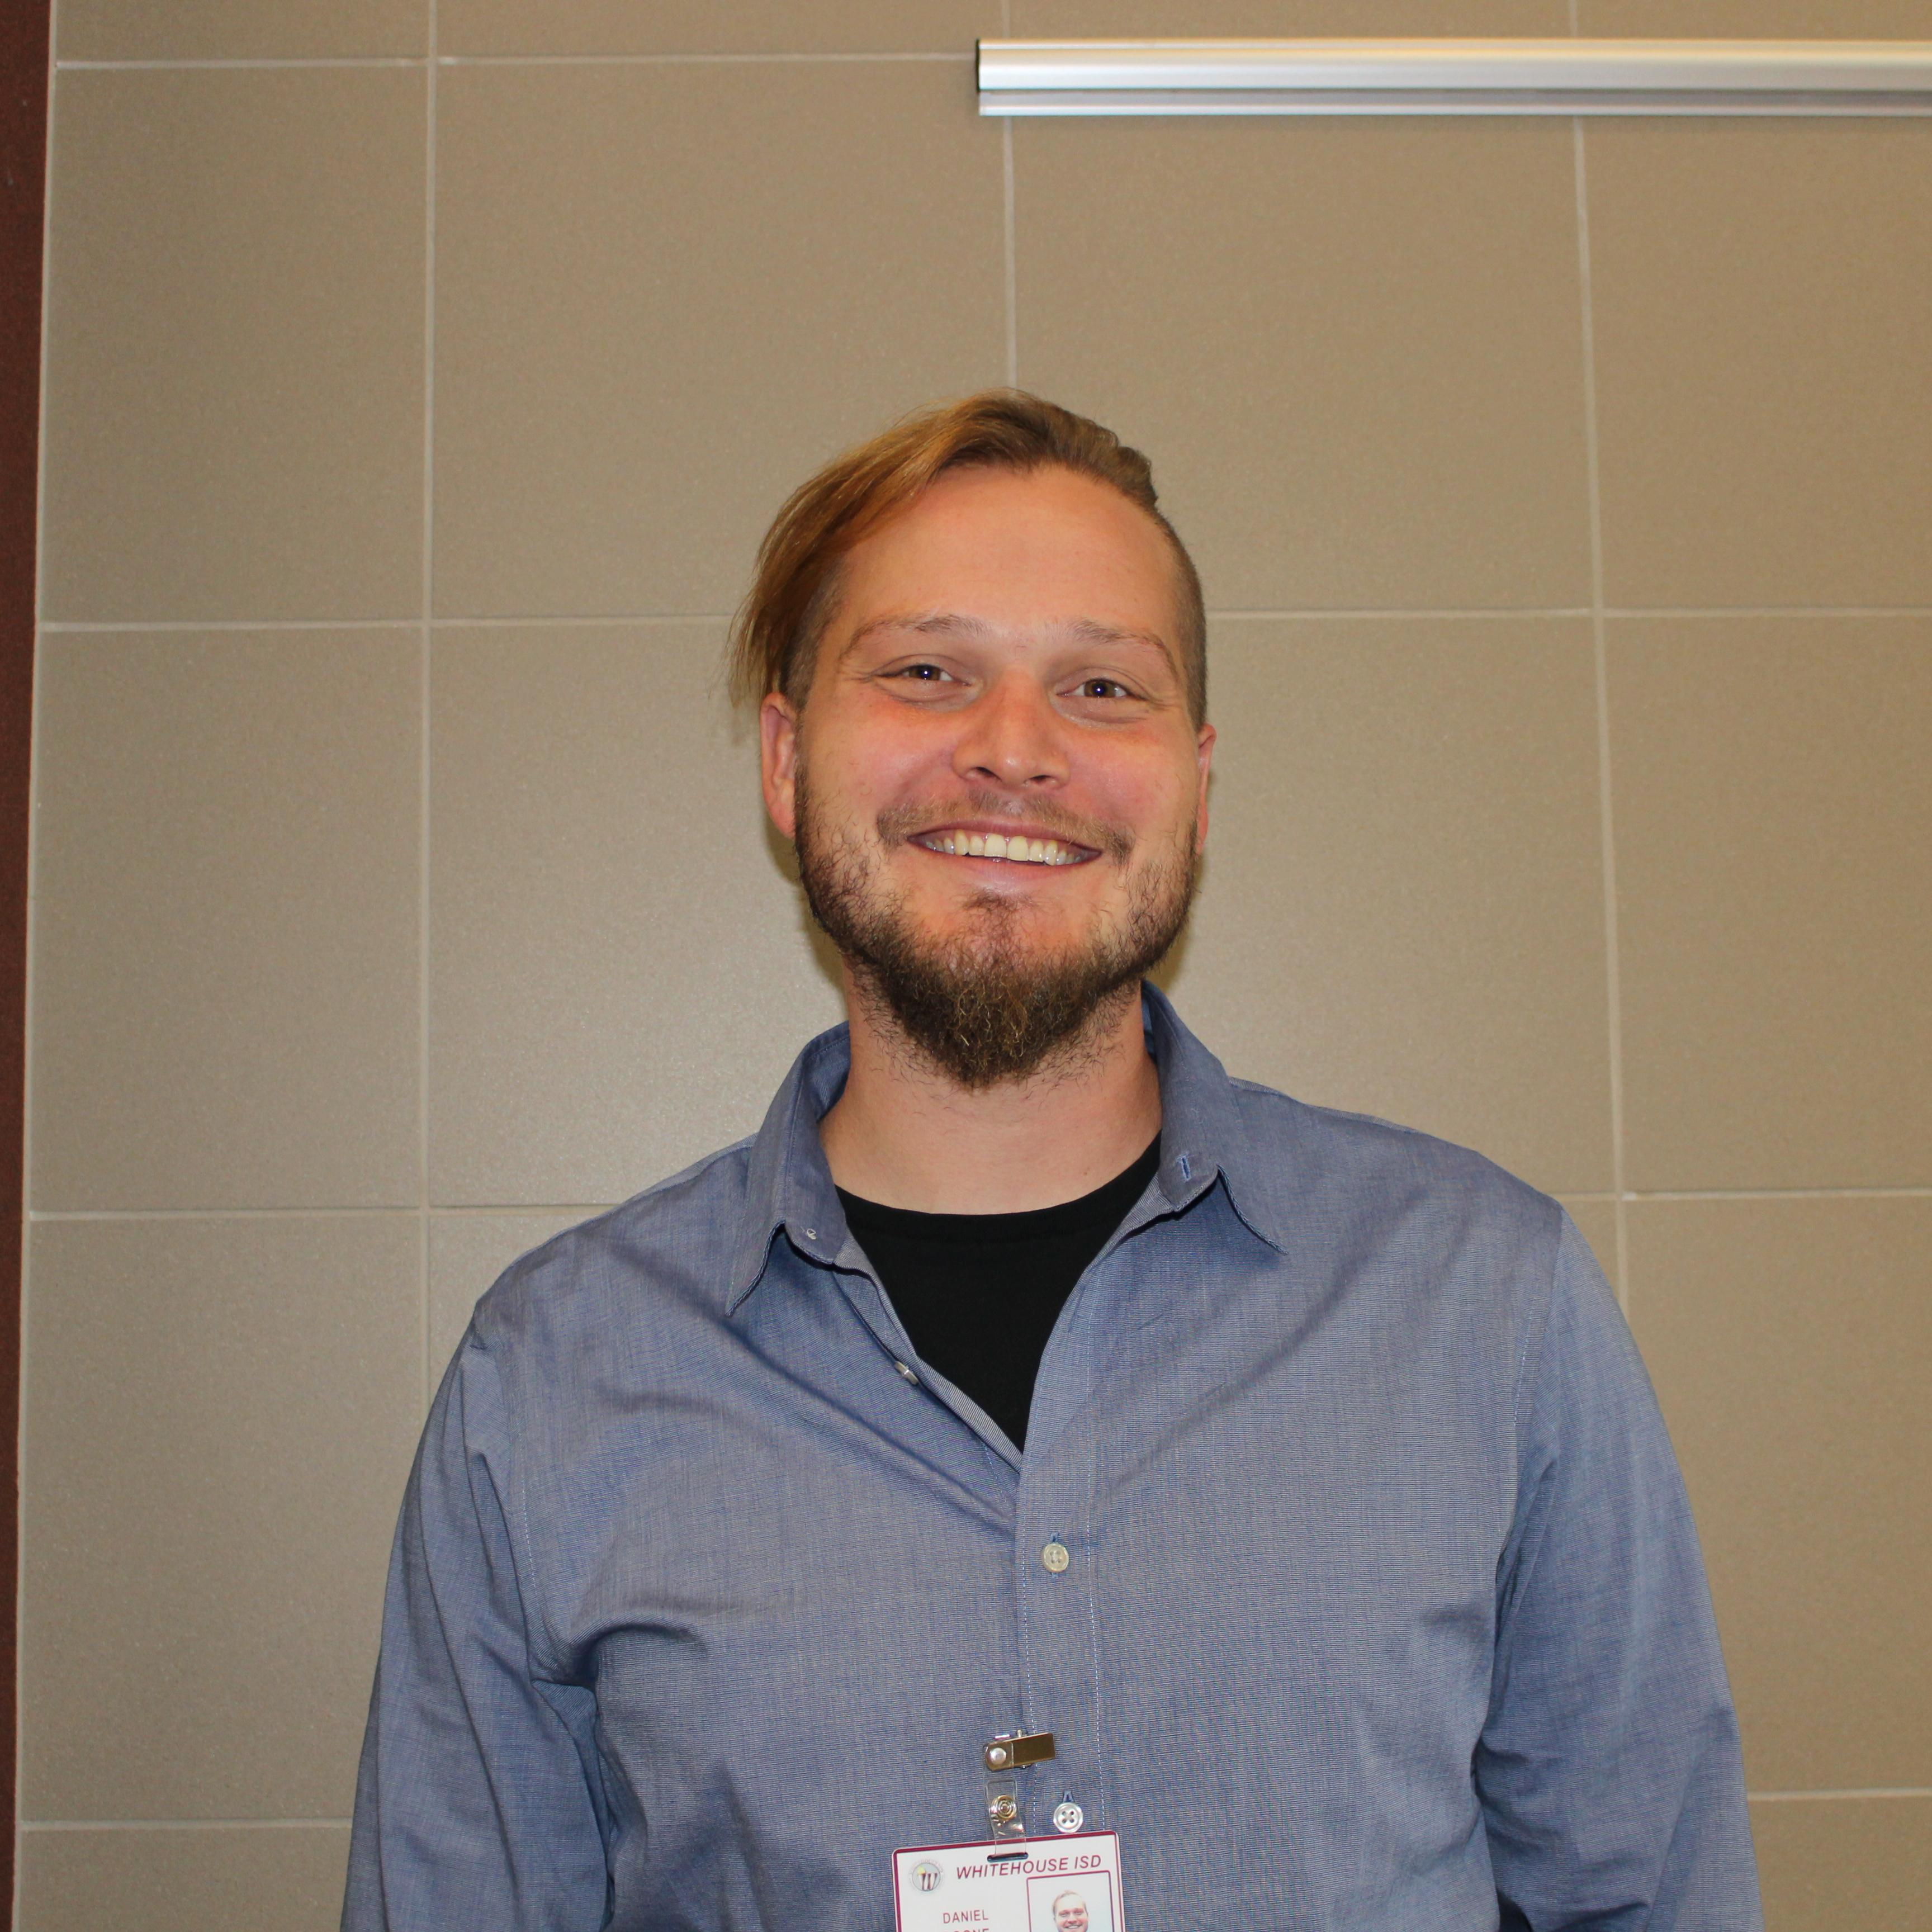 Daniel Boone's Profile Photo